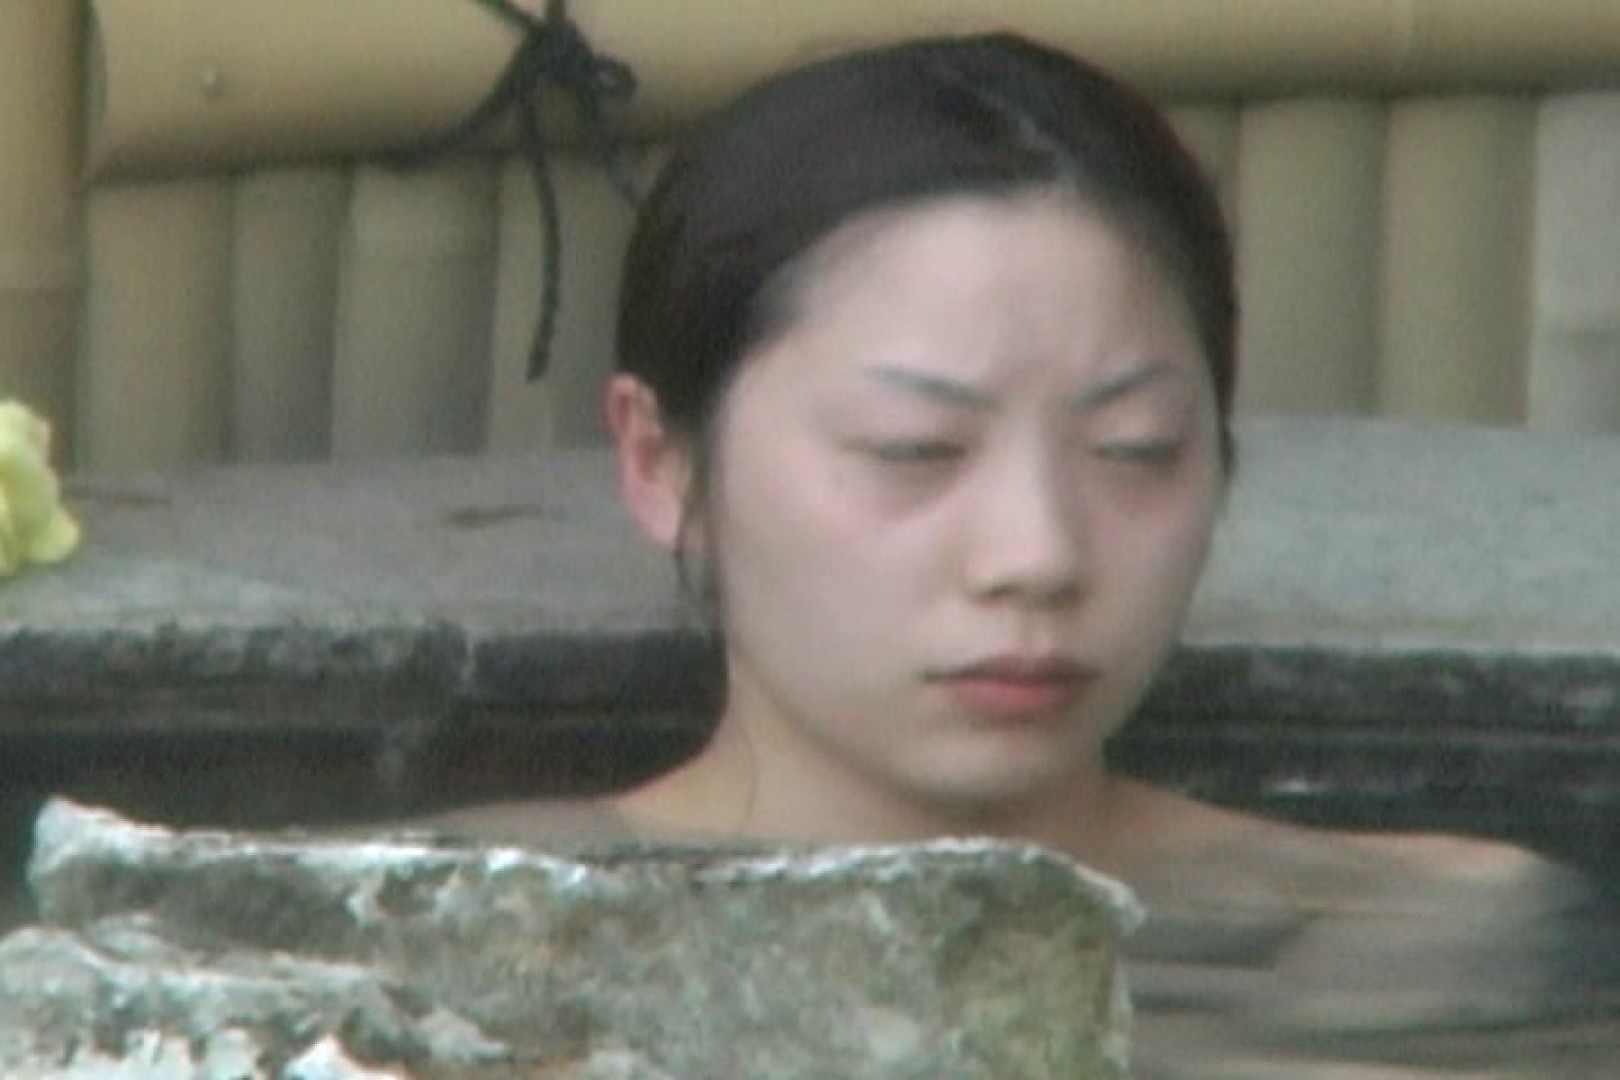 Aquaな露天風呂Vol.596 盗撮シリーズ  113PIX 14